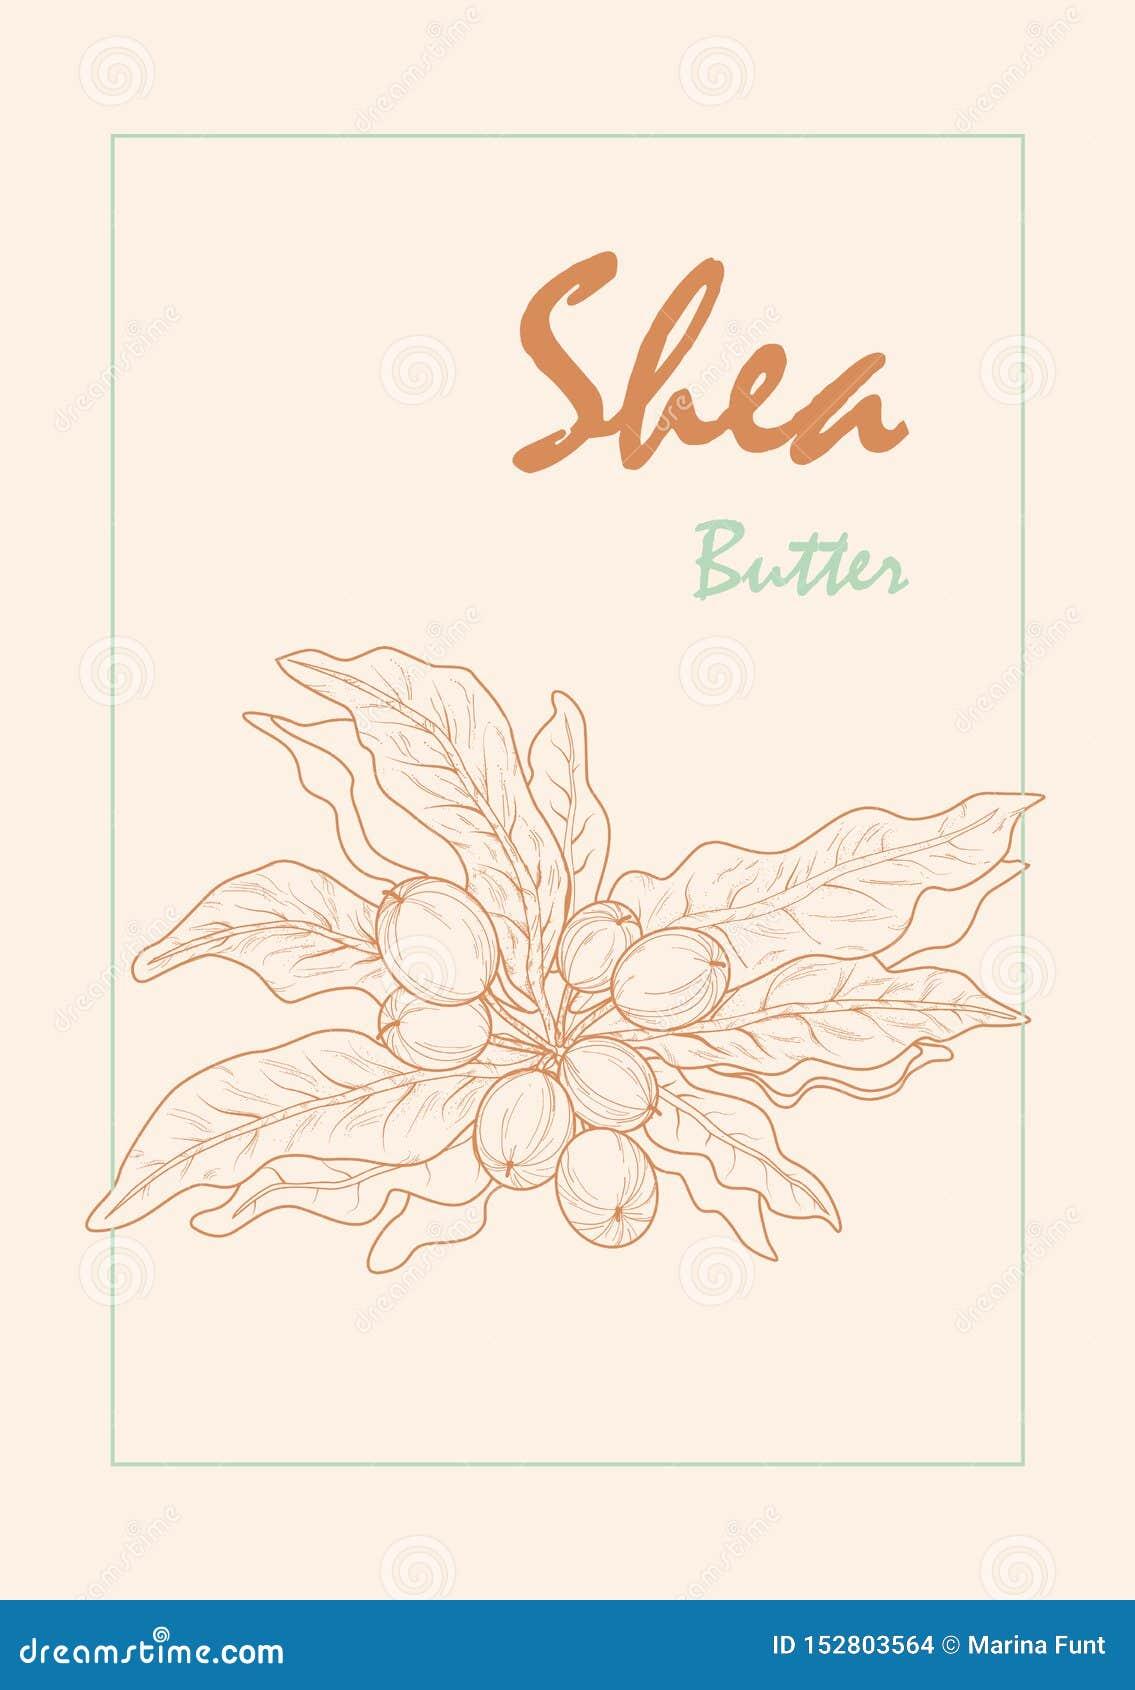 Εικόνα Counterstorm shea των καρυδιών στα μαλακά χρώματα